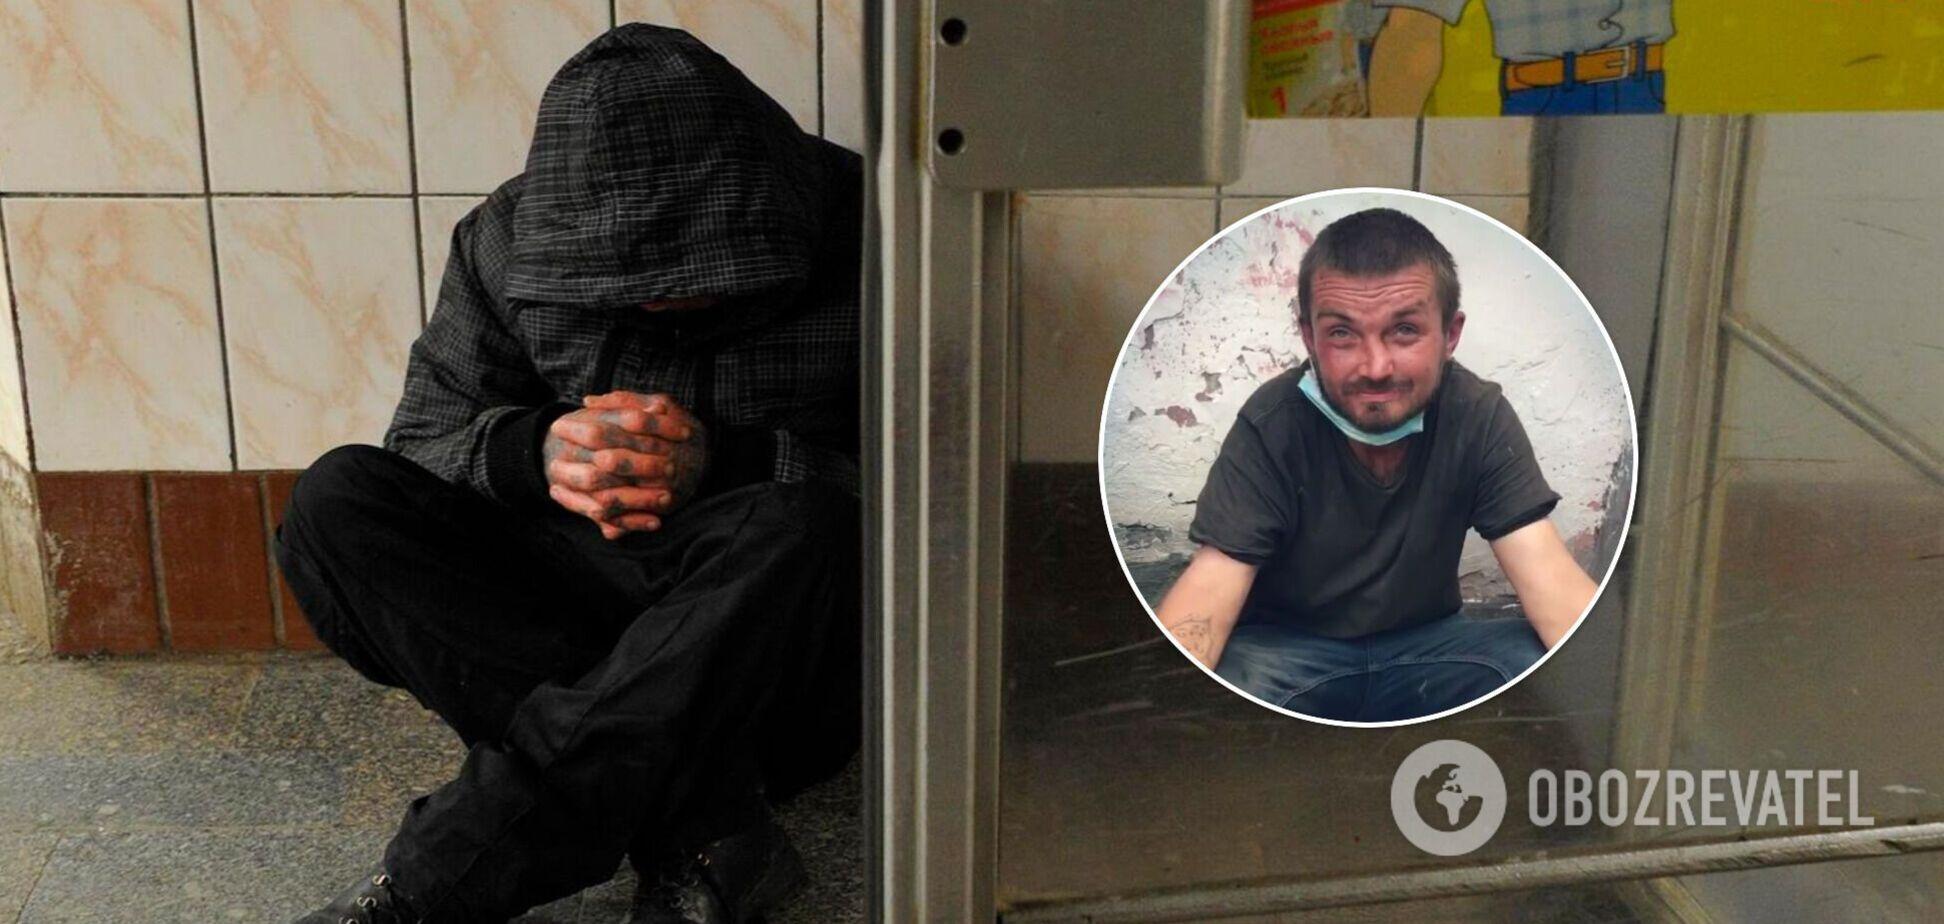 Во Львове разоблачили 'однорукого' попрошайку. Видео 'исцеления'